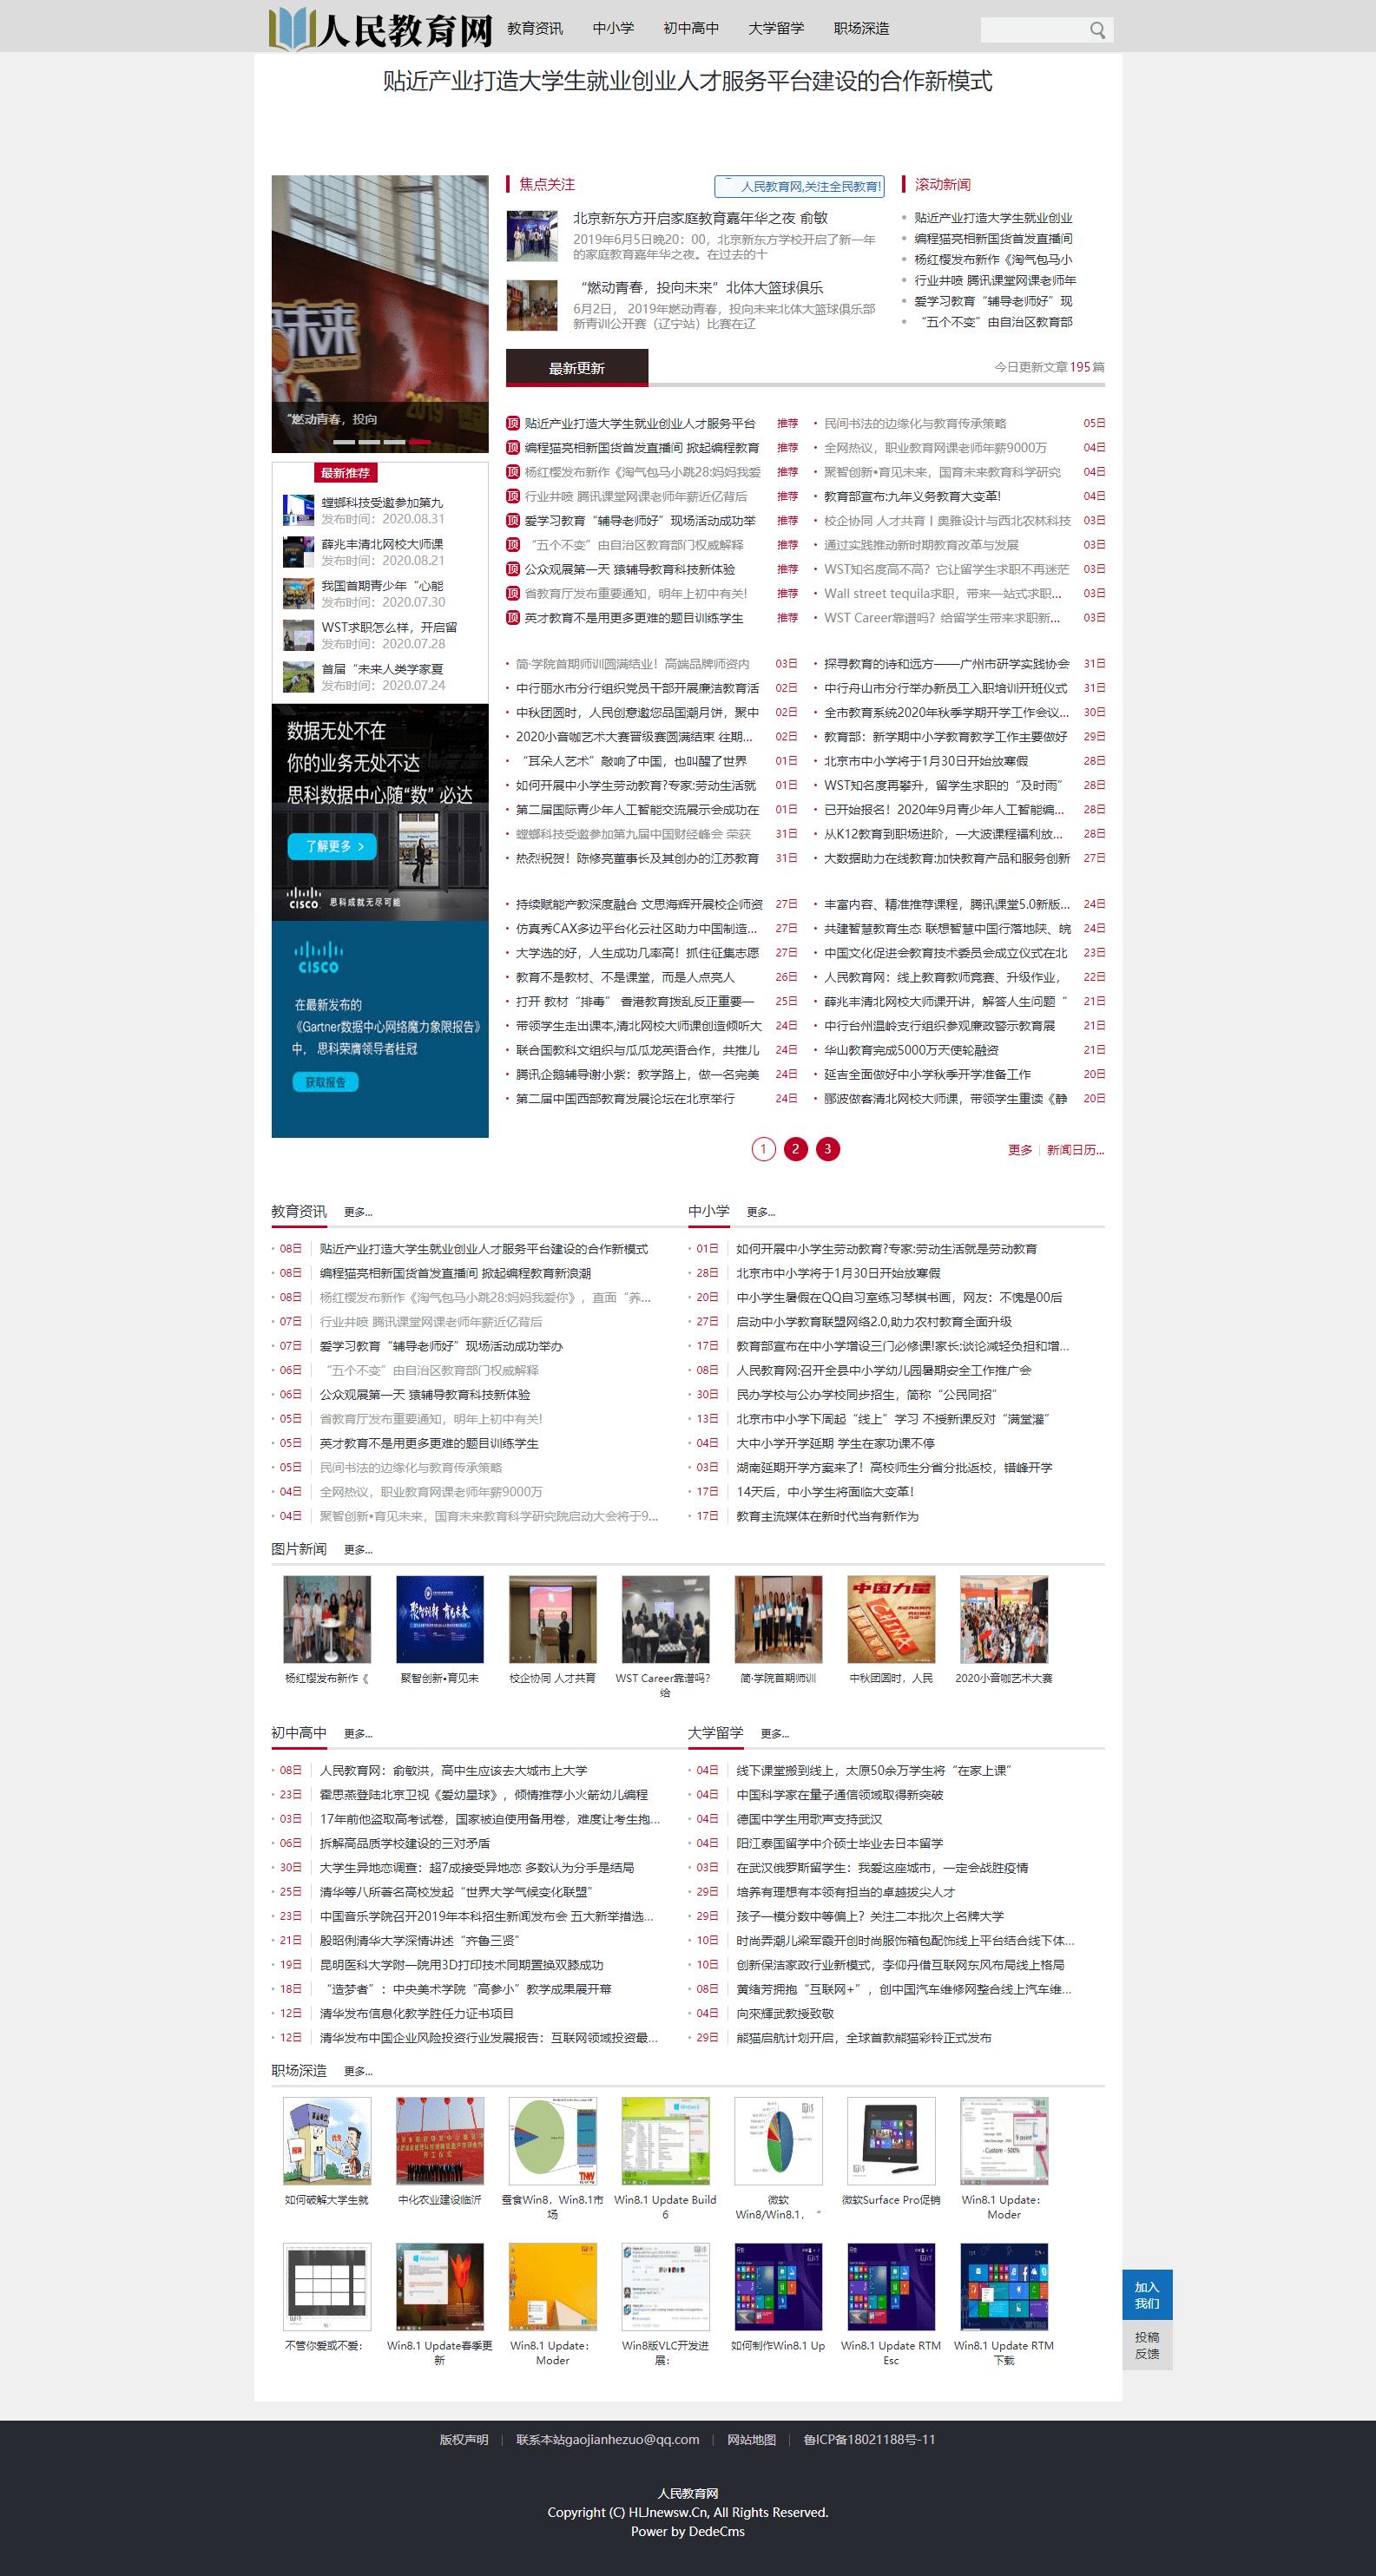 人民教育网软文发布新闻推广品牌营销